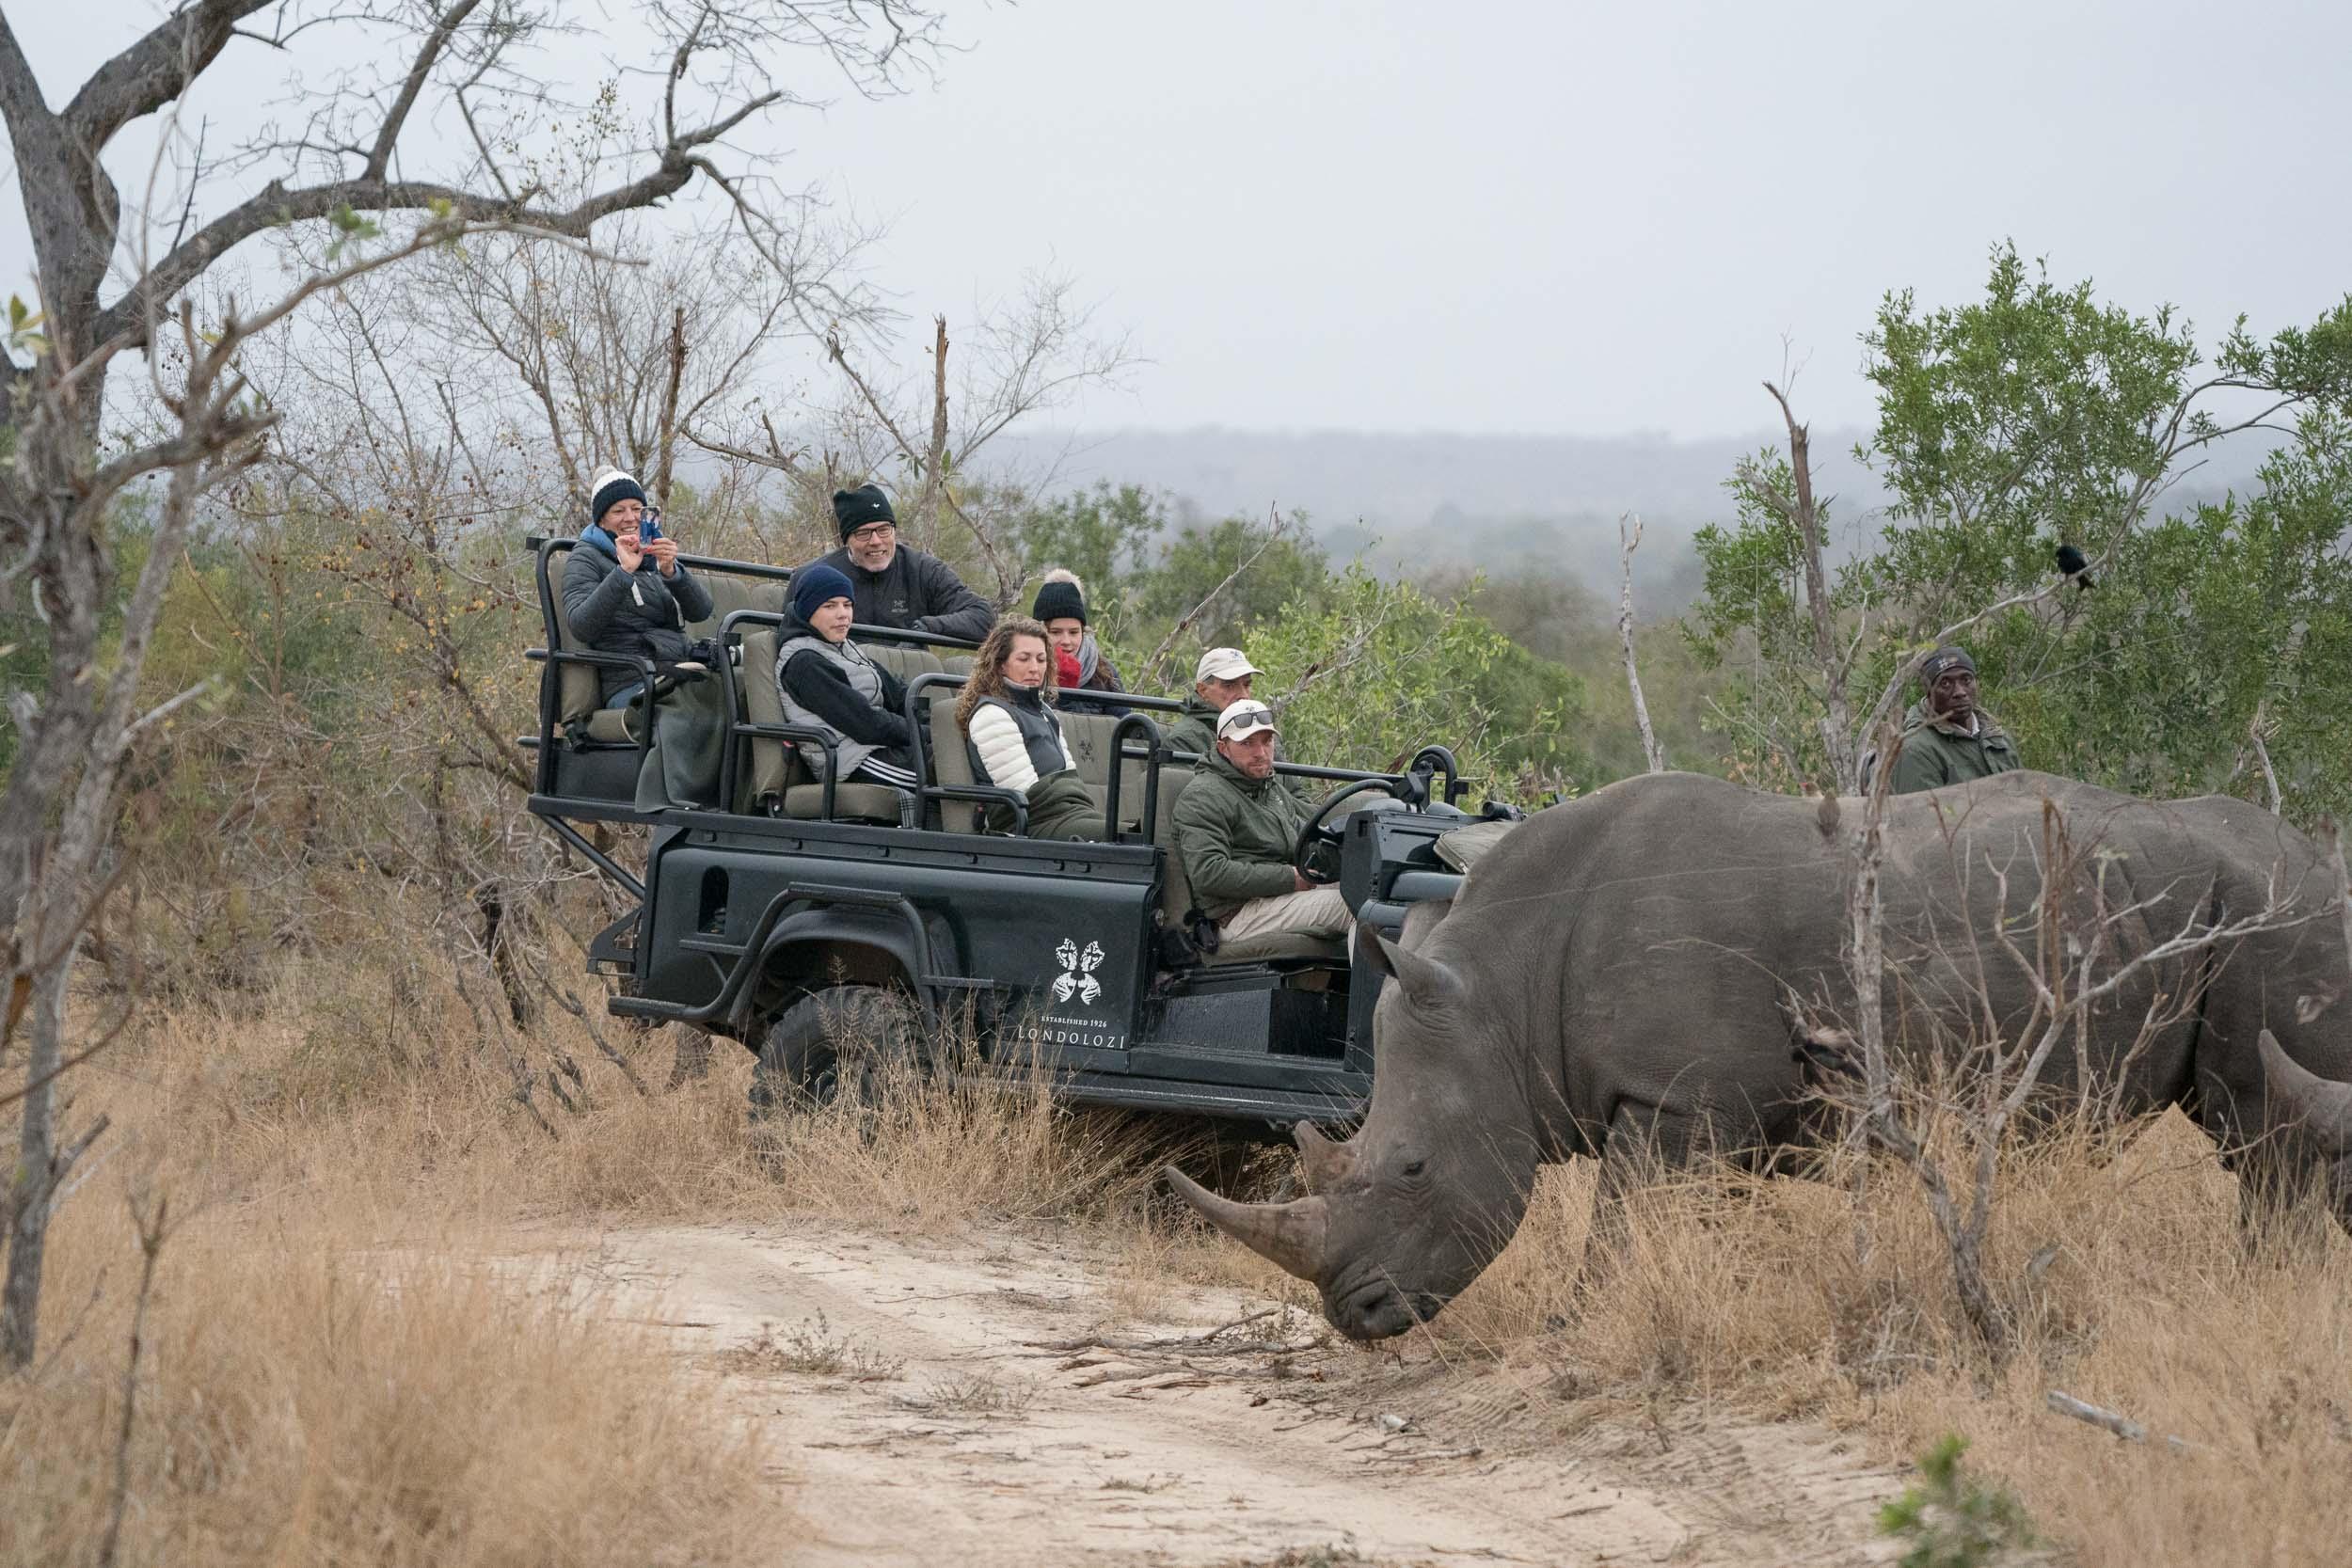 the_getaway_edit_south_africa_safari_londolozi_game_reserve-6.jpg